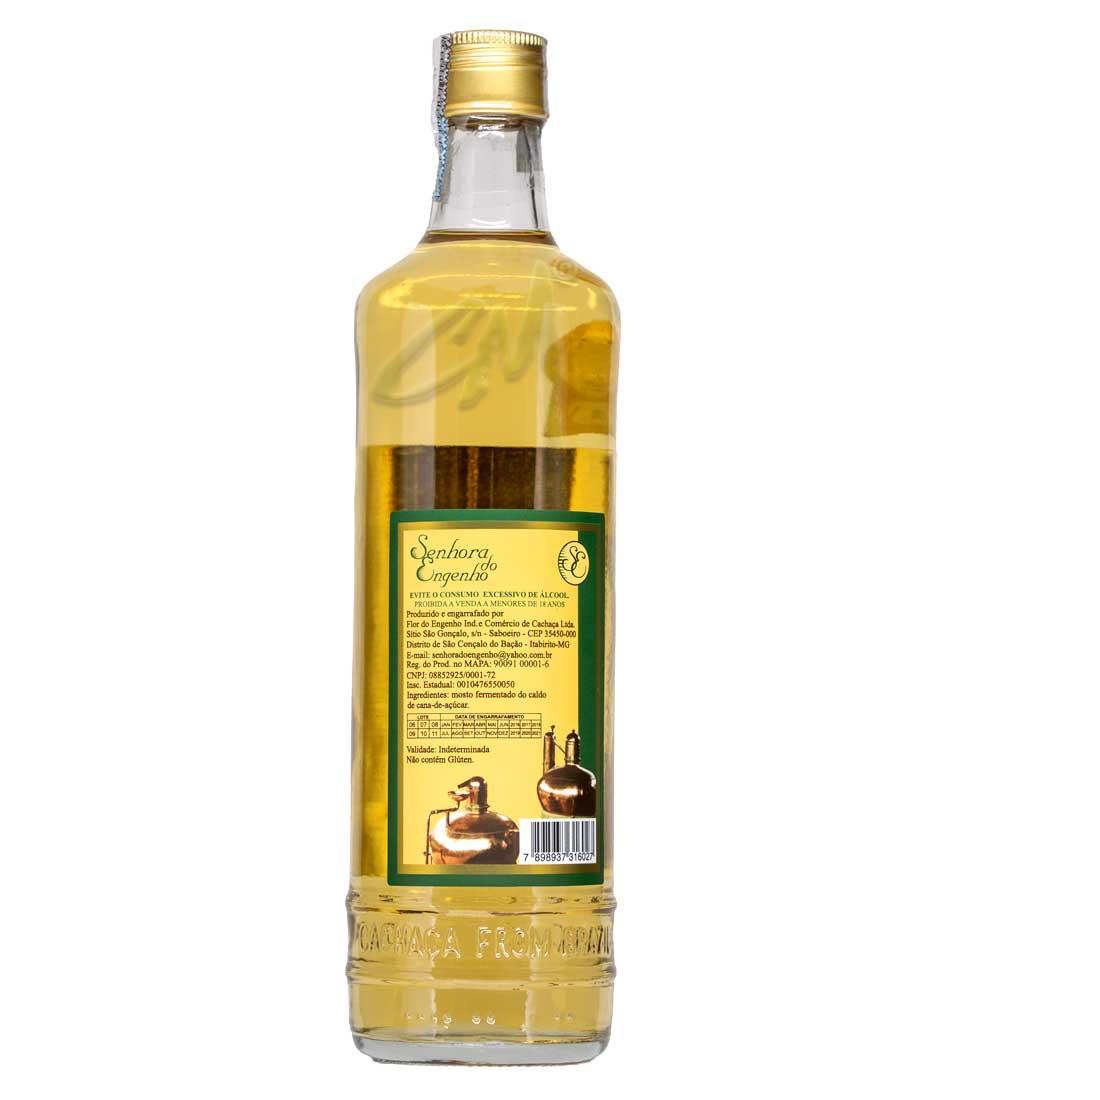 Cachaça Senhora do Engenho 700 ml (Itabirito - MG)